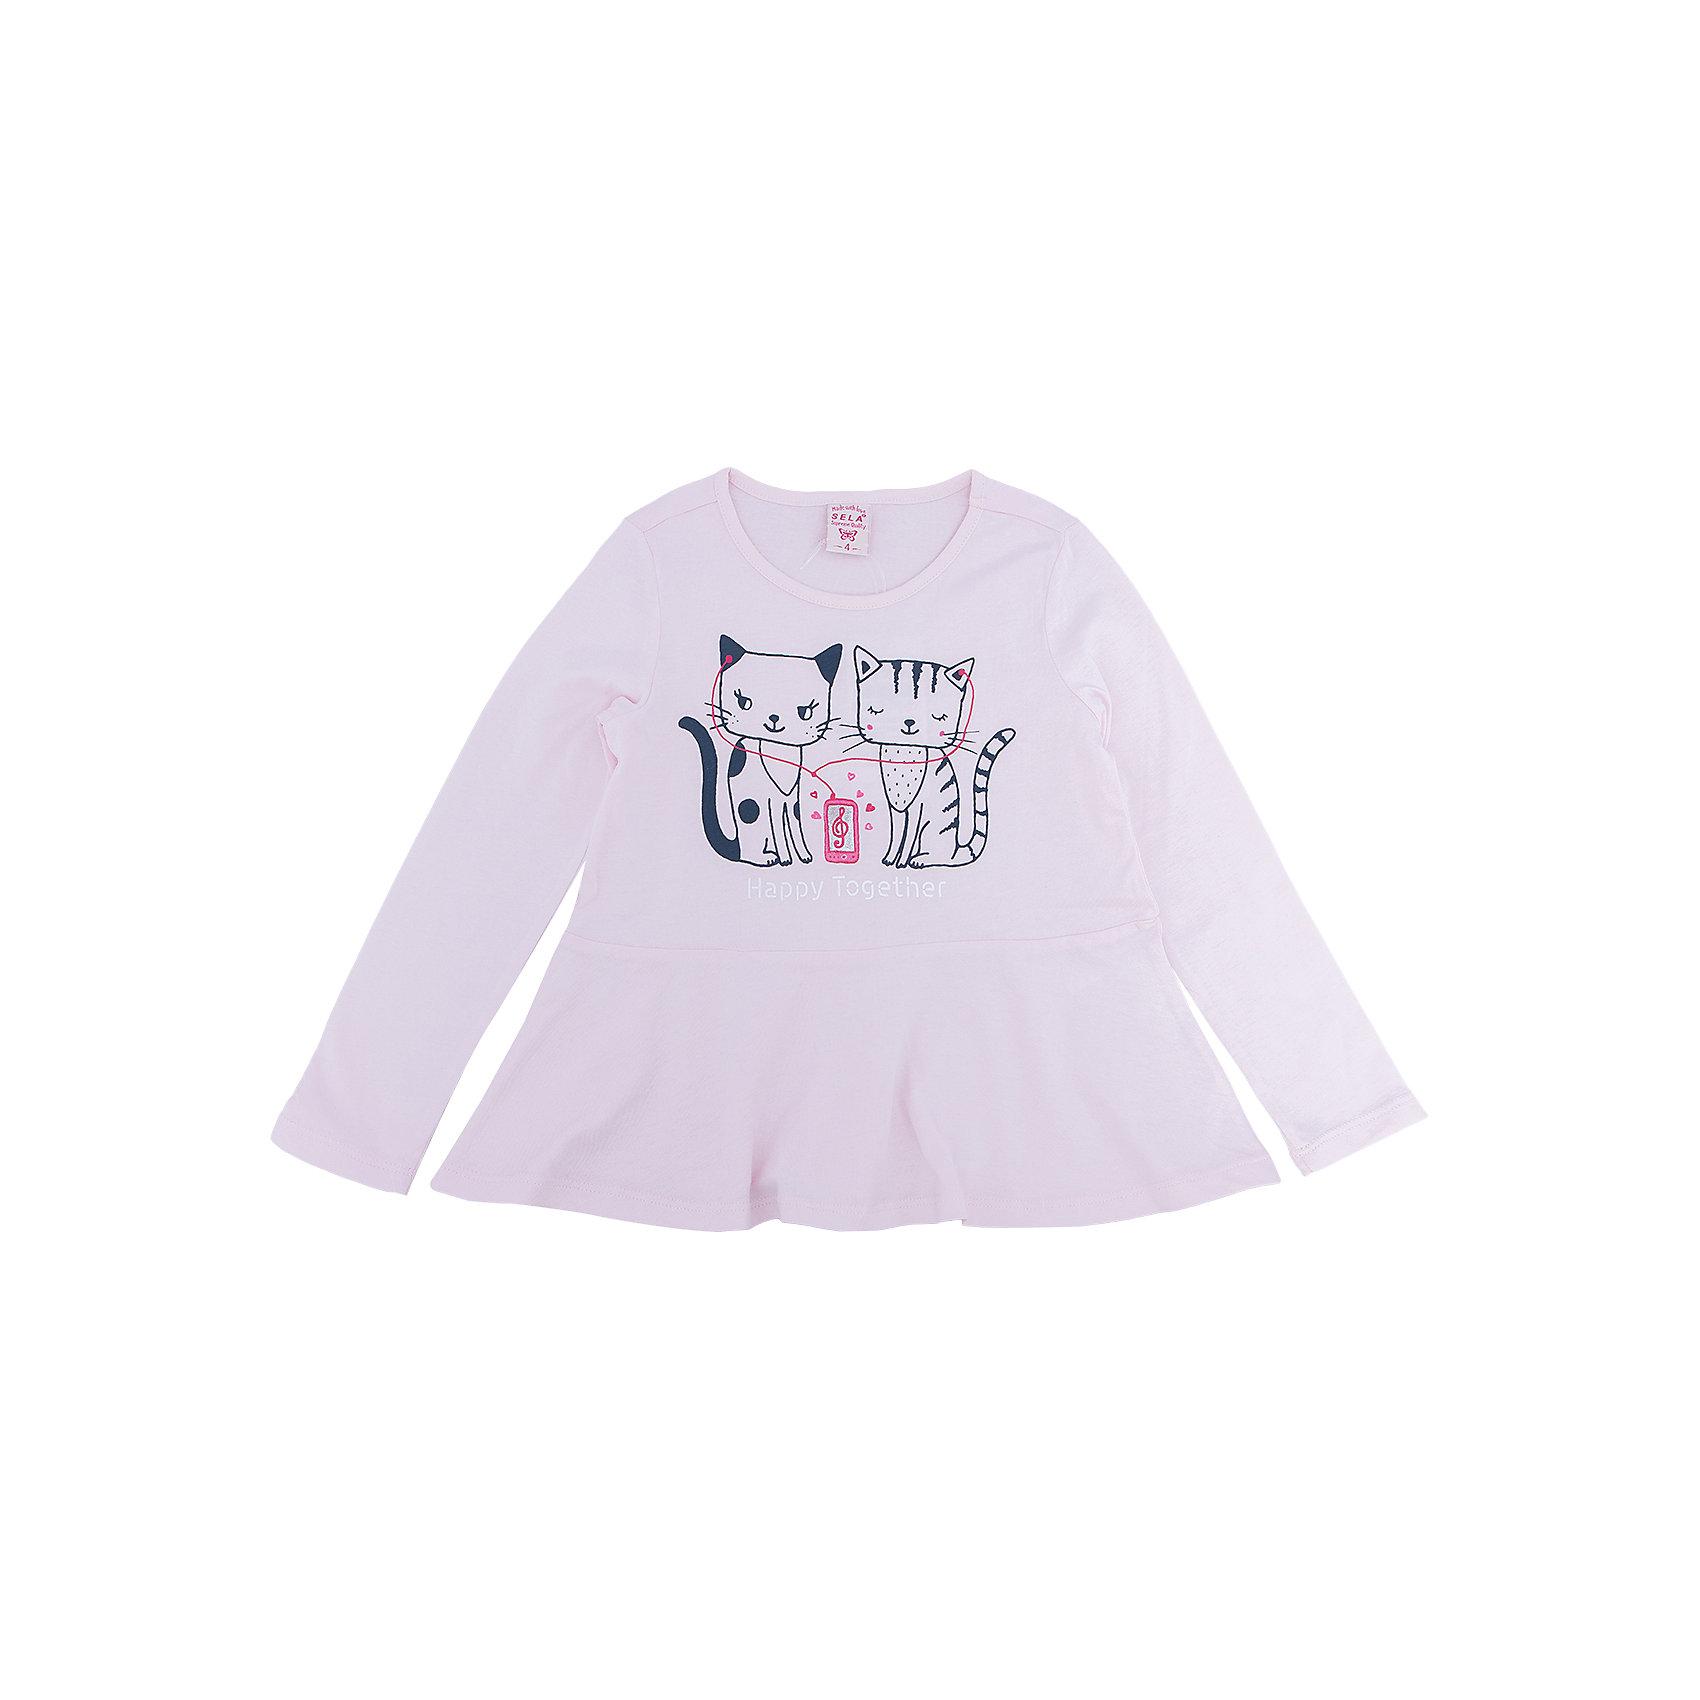 Платье для девочки SELAПлатья и сарафаны<br>Платье с принтом - очень модная вещь. Эта модель отлично сидит на ребенке, она смотрится стильно и нарядно. Приятная на ощупь ткань и качественная фурнитура обеспечивает ребенку комфорт. Модель станет отличной базовой вещью, которая будет уместна в различных сочетаниях.<br>Одежда от бренда Sela (Села) - это качество по приемлемым ценам. Многие российские родители уже оценили преимущества продукции этой компании и всё чаще приобретают одежду и аксессуары Sela.<br><br>Дополнительная информация:<br><br>цвет: бежевый;<br>материал: 100% хлопок;<br>с принтом;<br>длинный рукав.<br><br>Платье для девочки от бренда Sela можно купить в нашем интернет-магазине.<br><br>Ширина мм: 236<br>Глубина мм: 16<br>Высота мм: 184<br>Вес г: 177<br>Цвет: бежевый<br>Возраст от месяцев: 24<br>Возраст до месяцев: 36<br>Пол: Женский<br>Возраст: Детский<br>Размер: 98,104,110,116,92<br>SKU: 5008233